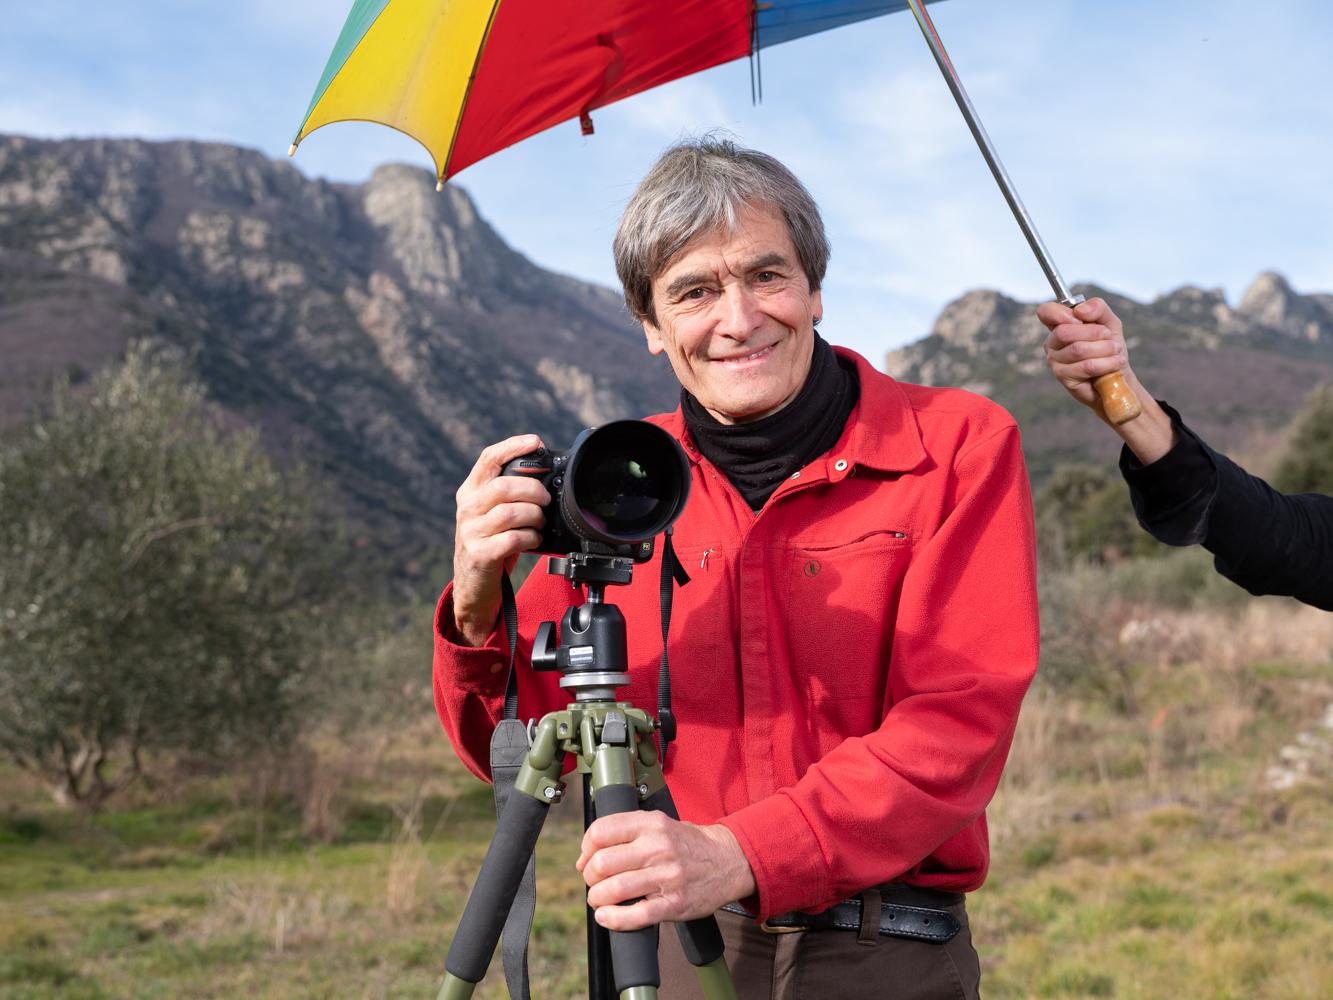 André , photographe, Colombière sur Orb usagers voie verte Parc naturel Haut-Languedoc région Occitanie